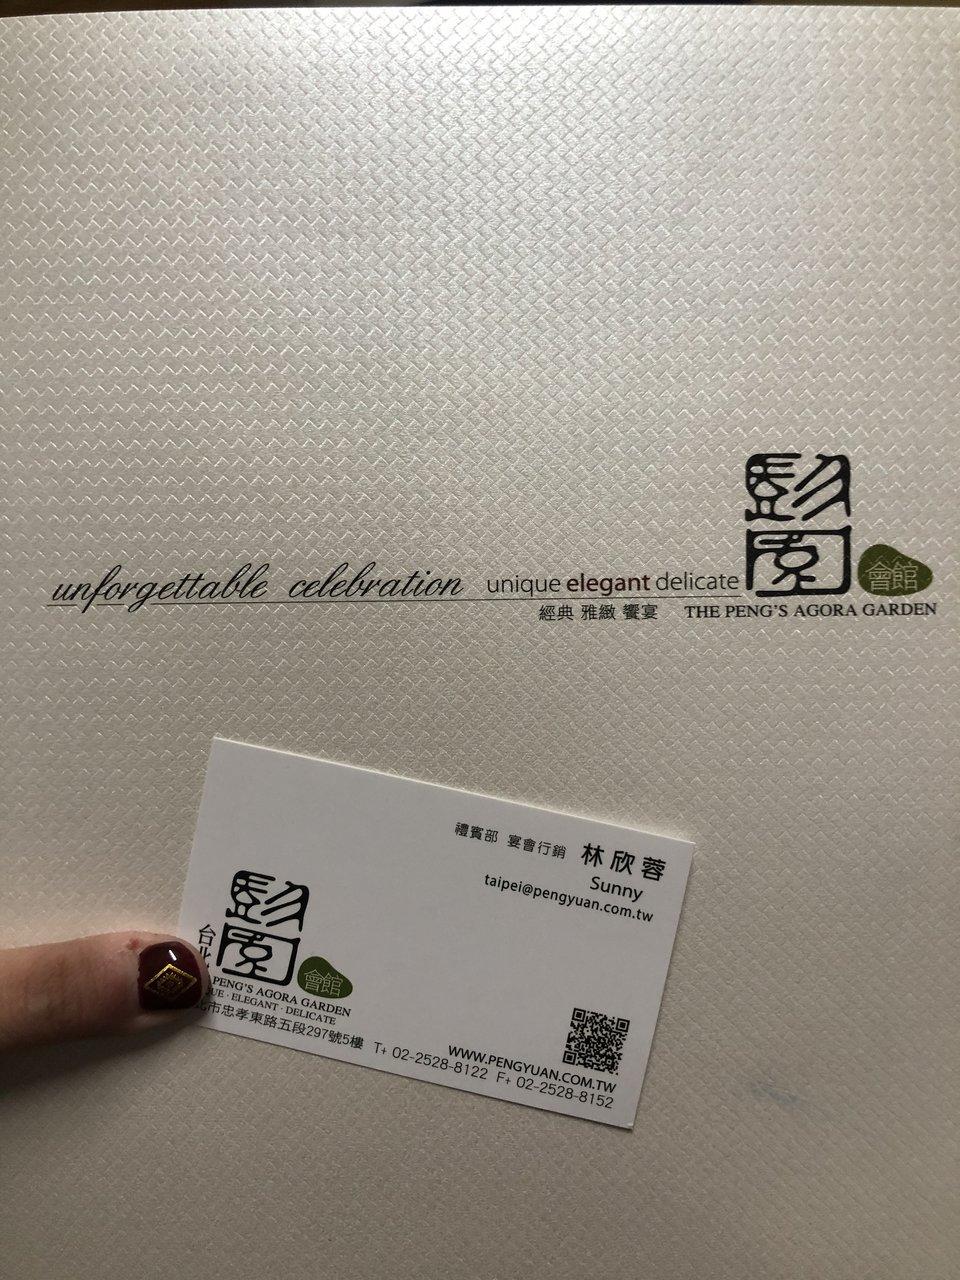 彭園婚宴會館-台北館,台北彭園會館婚宴大推薦